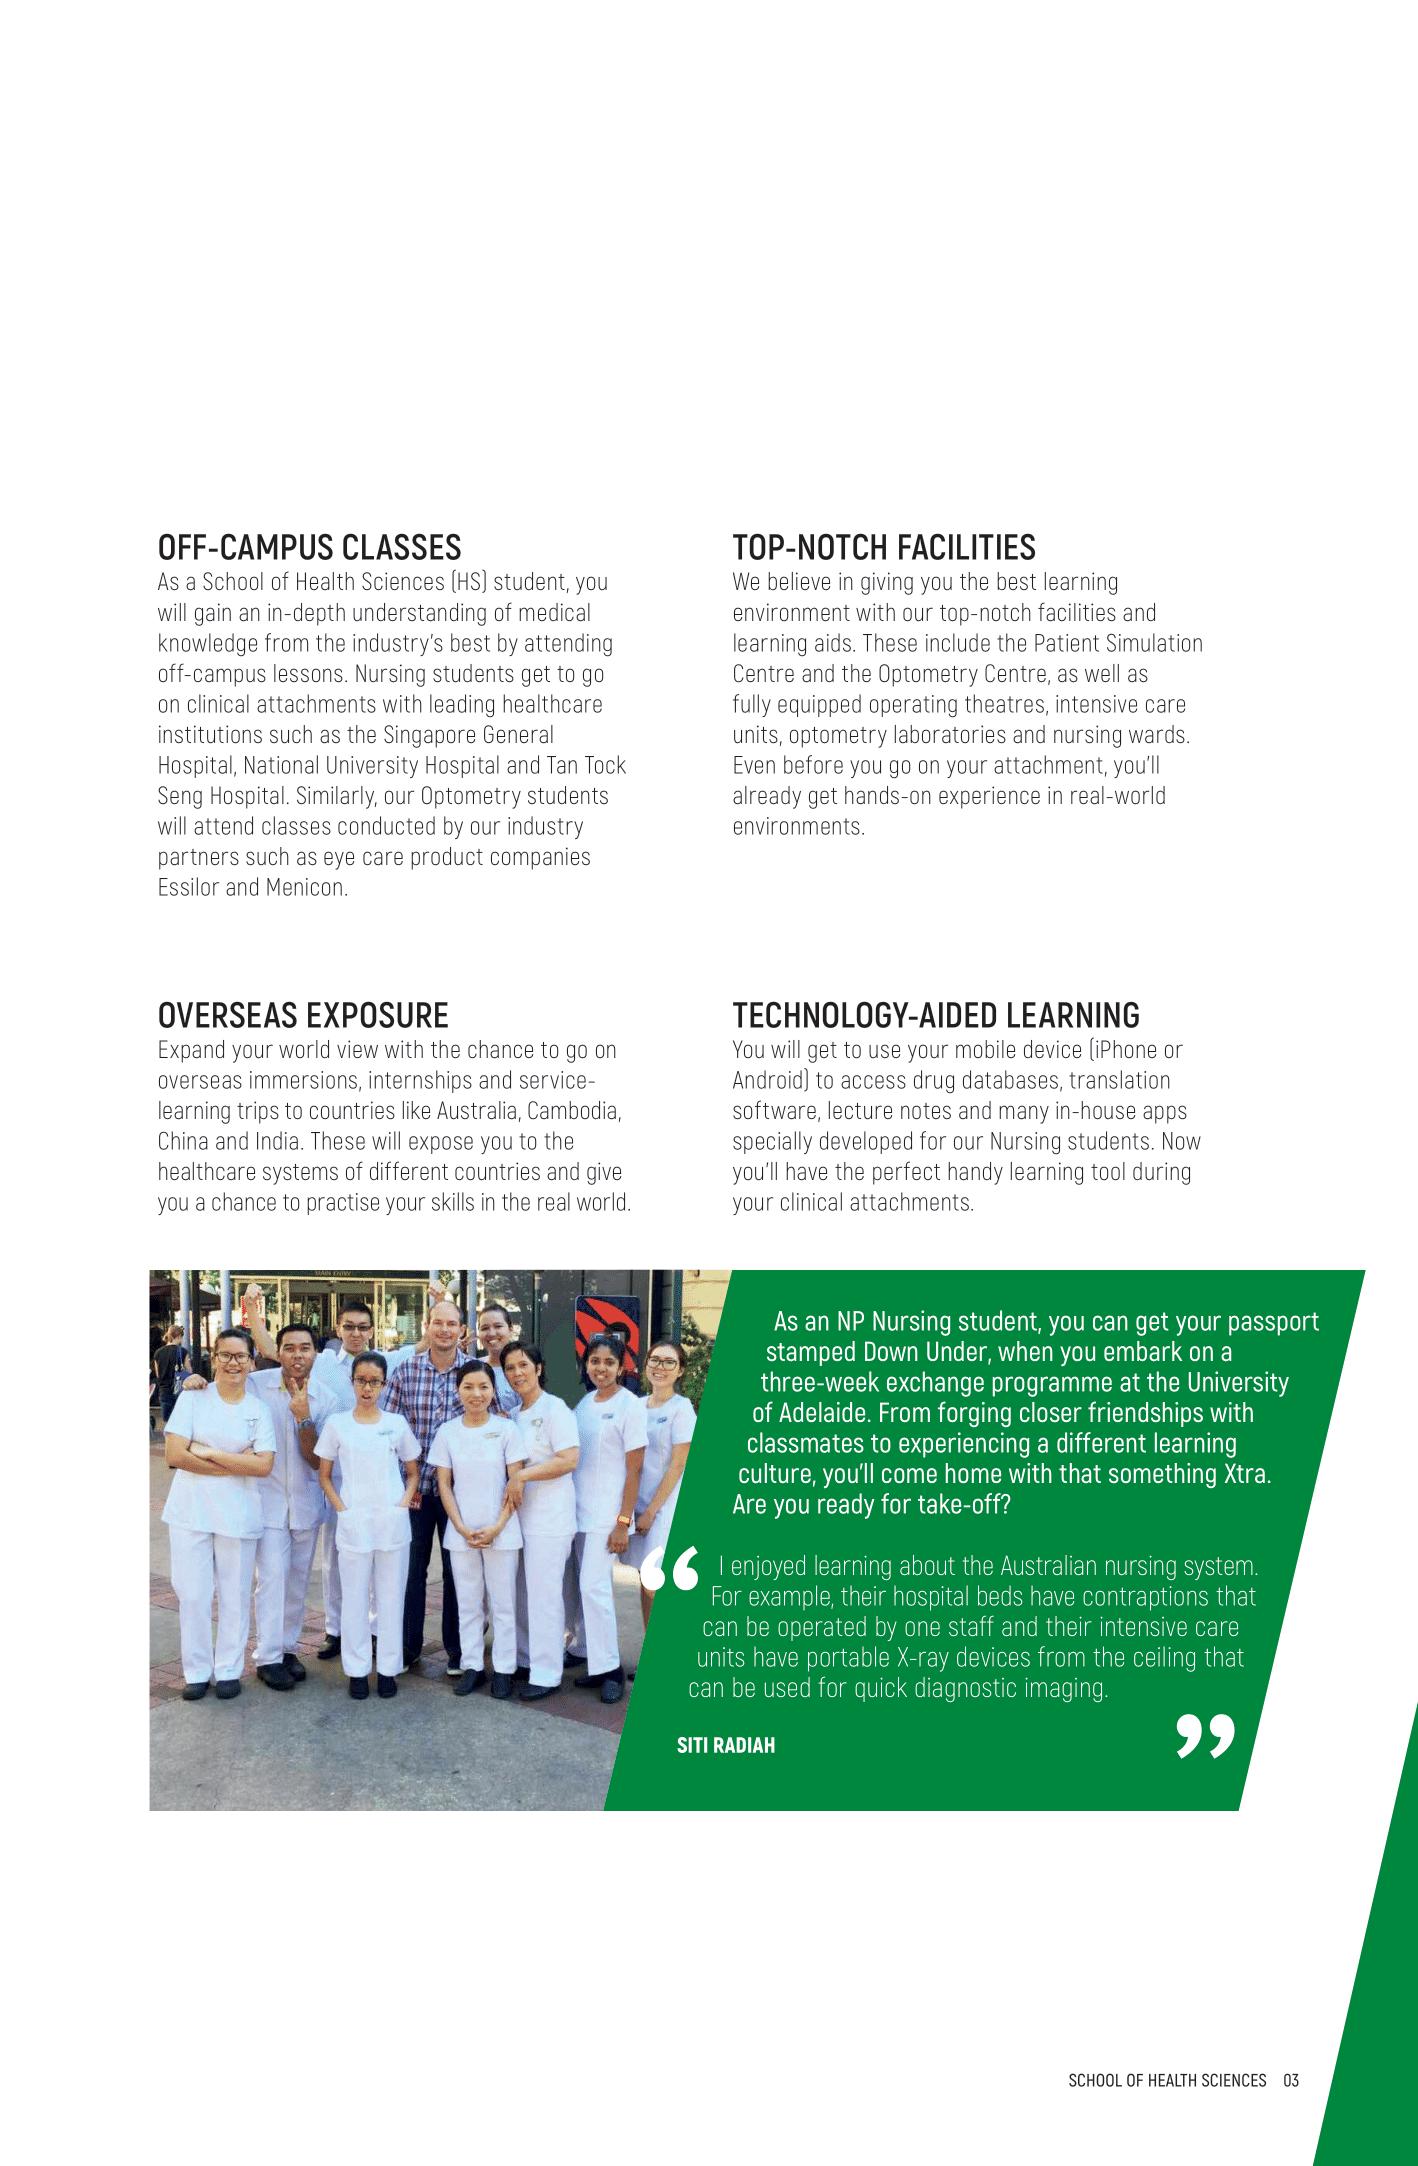 School of Health Sciences 2020-05